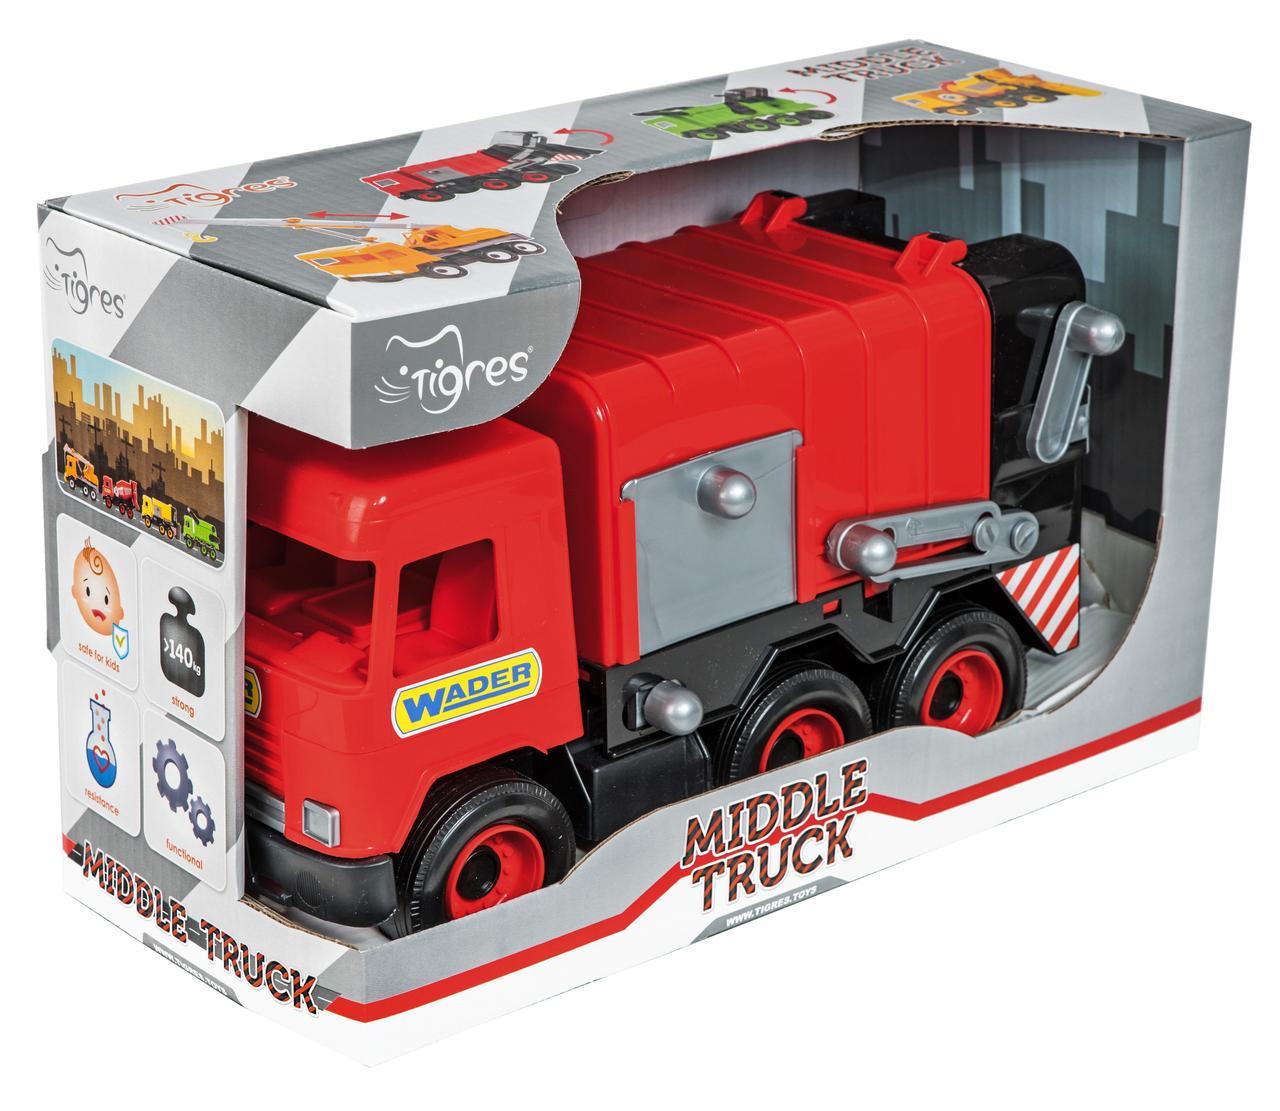 """Авто """"Middle truck"""" мусоровоз (красный) в коробке - фото 1"""